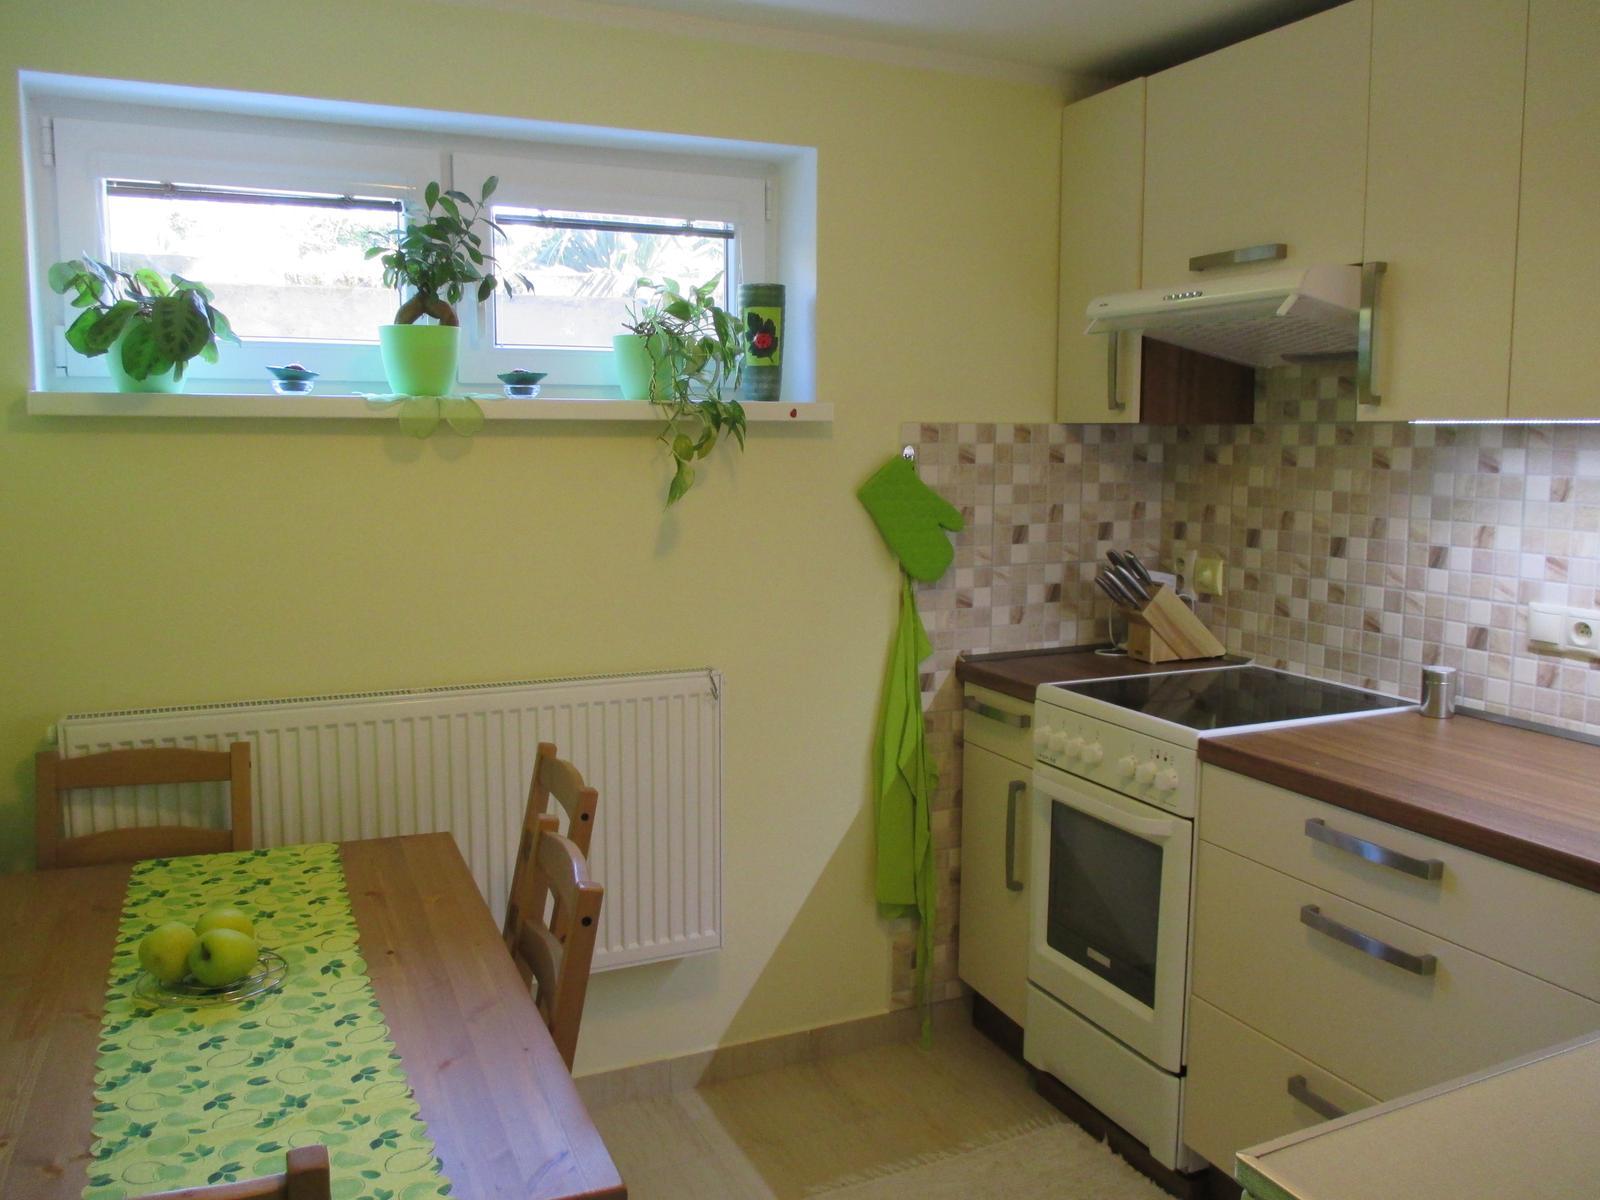 Realizácie kuchyne  - stolárstvo Valuška - kuchynská linka robená do rodinného domu- kombinácia jasmín a orech dijon - obr.4